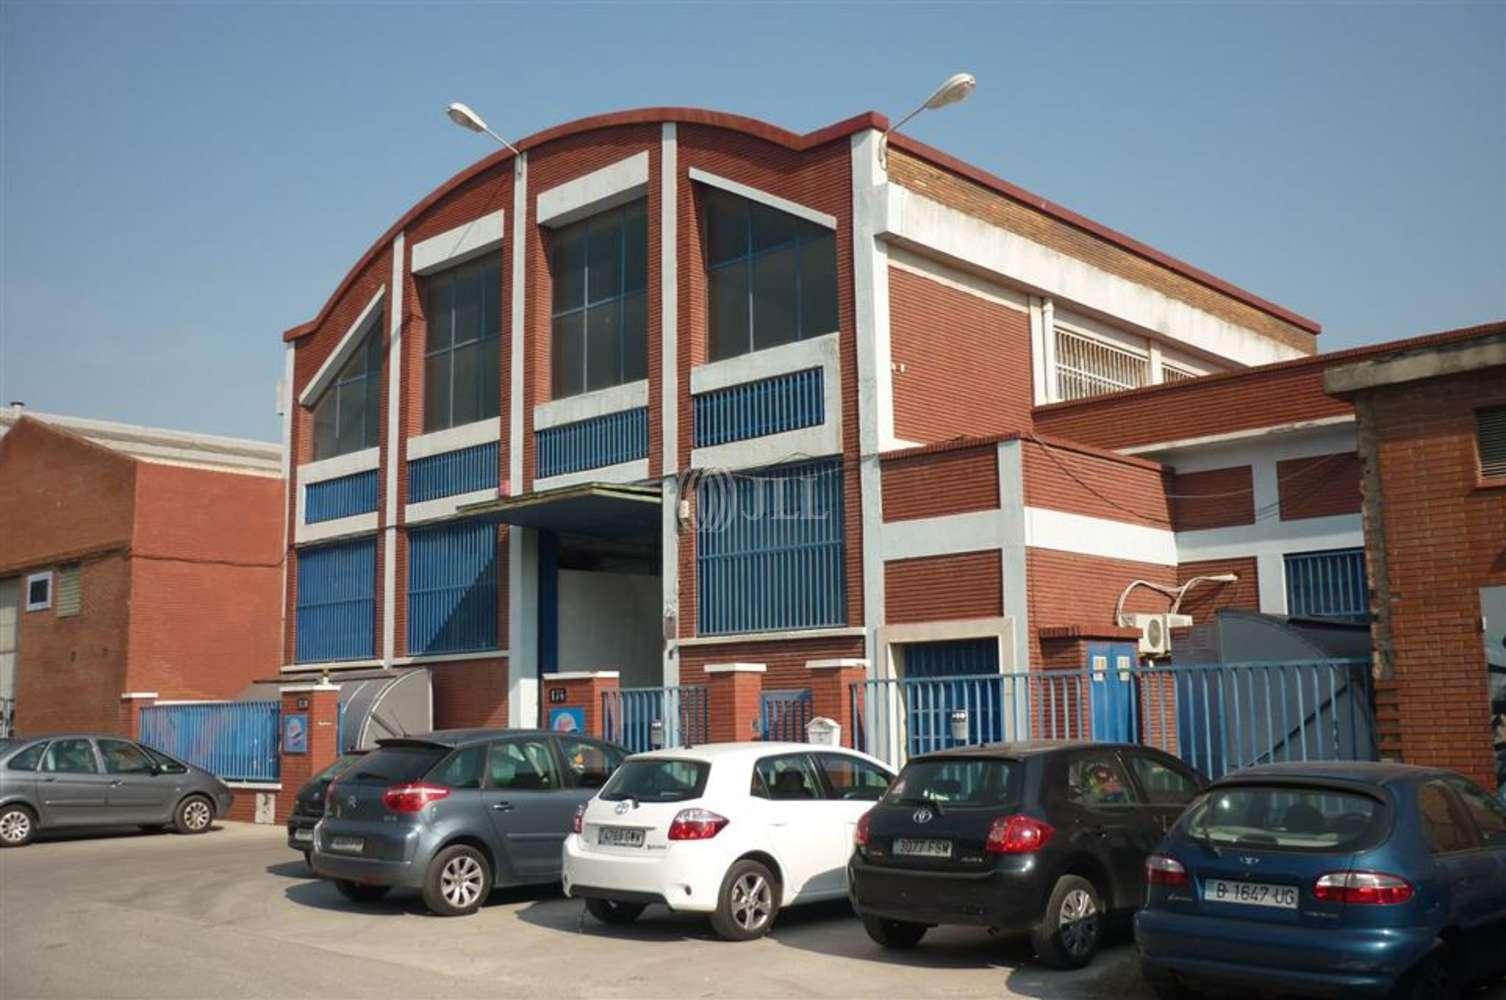 Naves industriales y logísticas Barcelona, 08018 - Nave Industrial - B0319 - PI BESOS - 12792